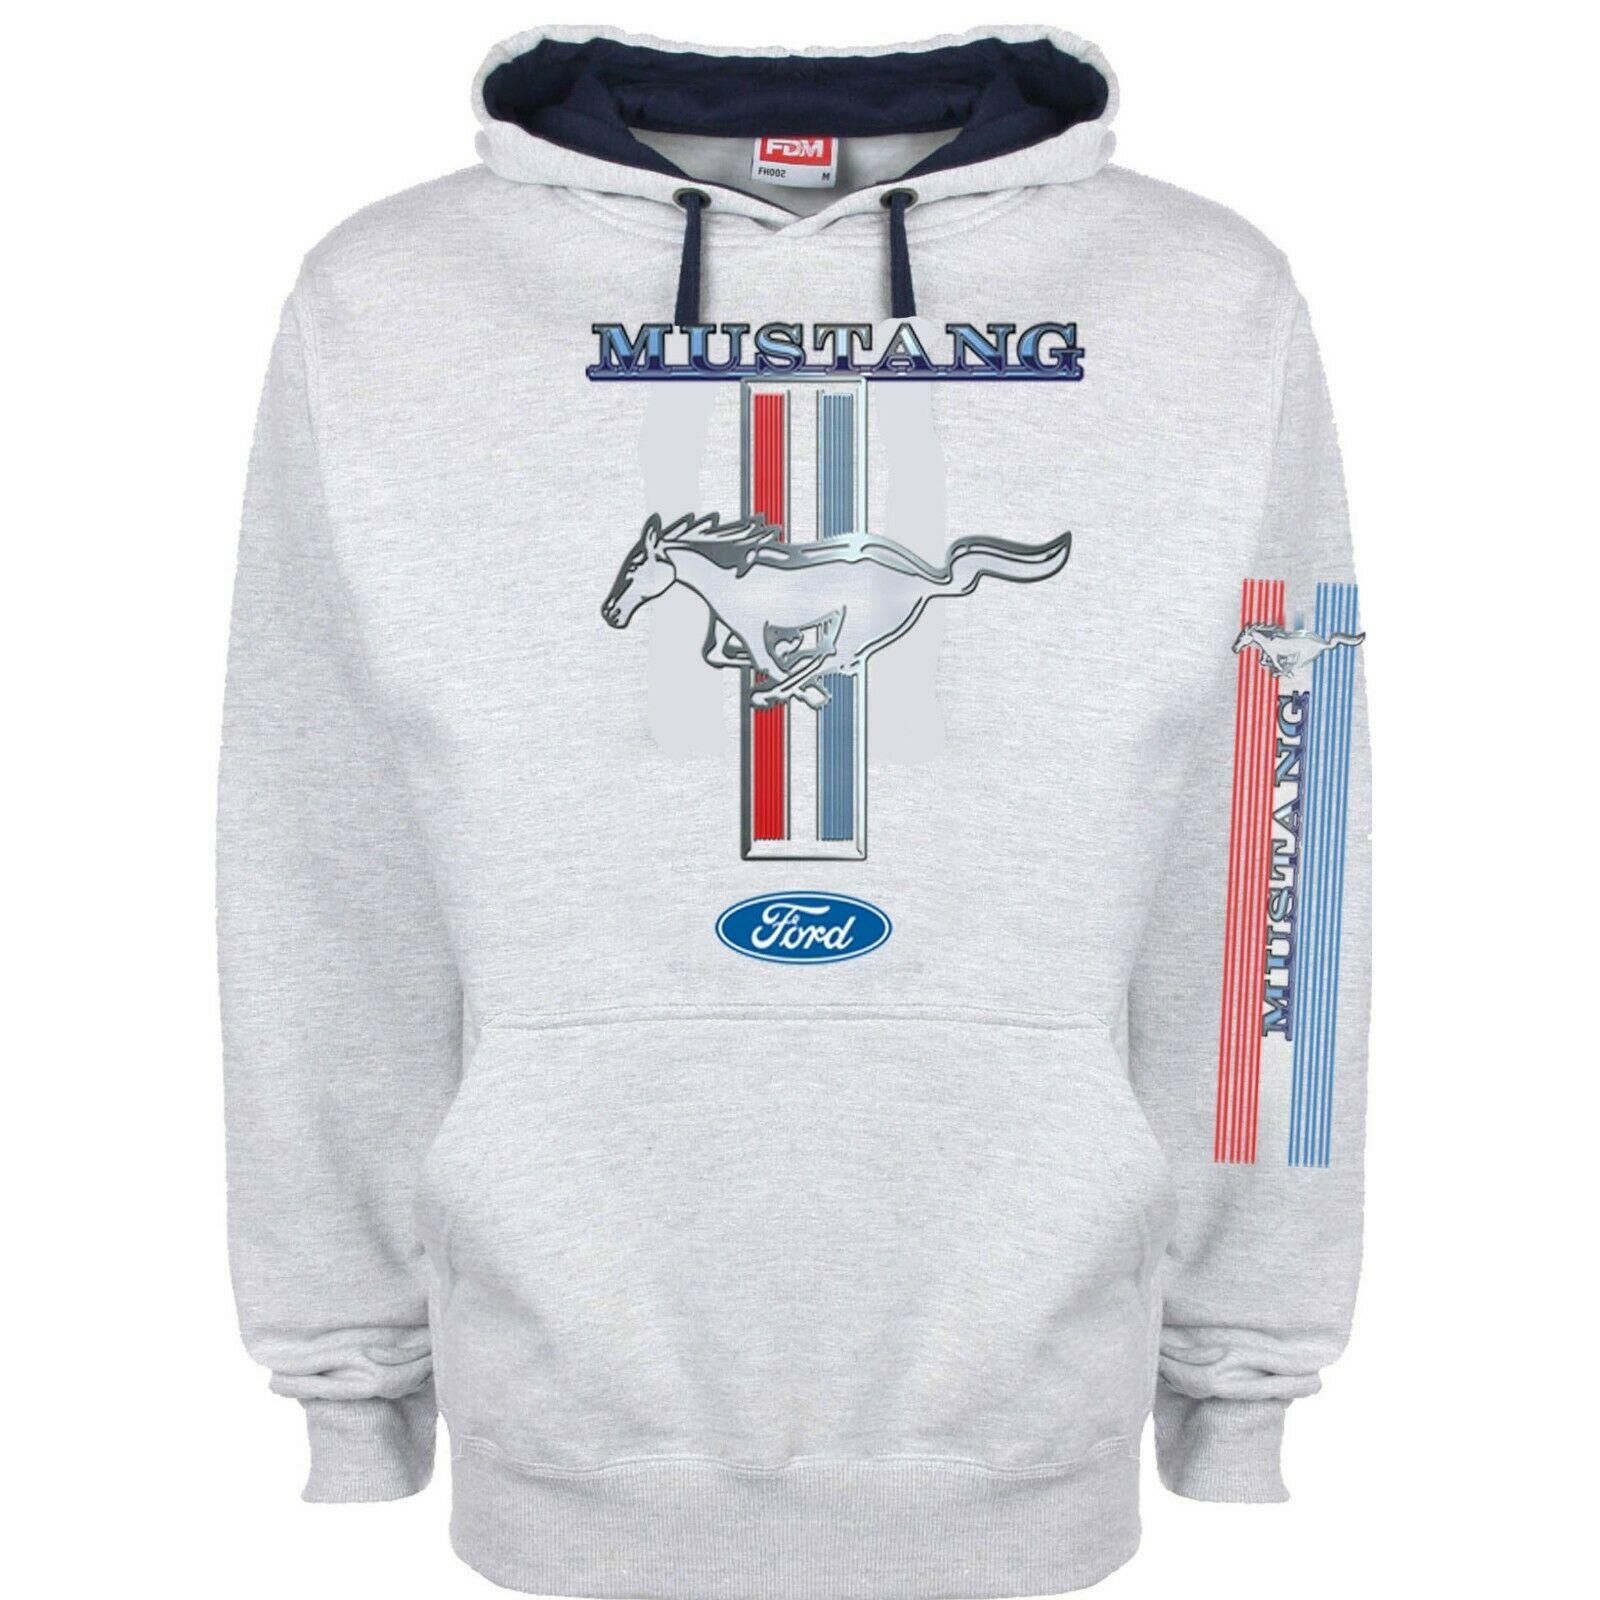 Felpa con Cappuccio Uomo Pullover Hoodie Sweatshirt Maglietta Maniche Lunghe Mustang 1968